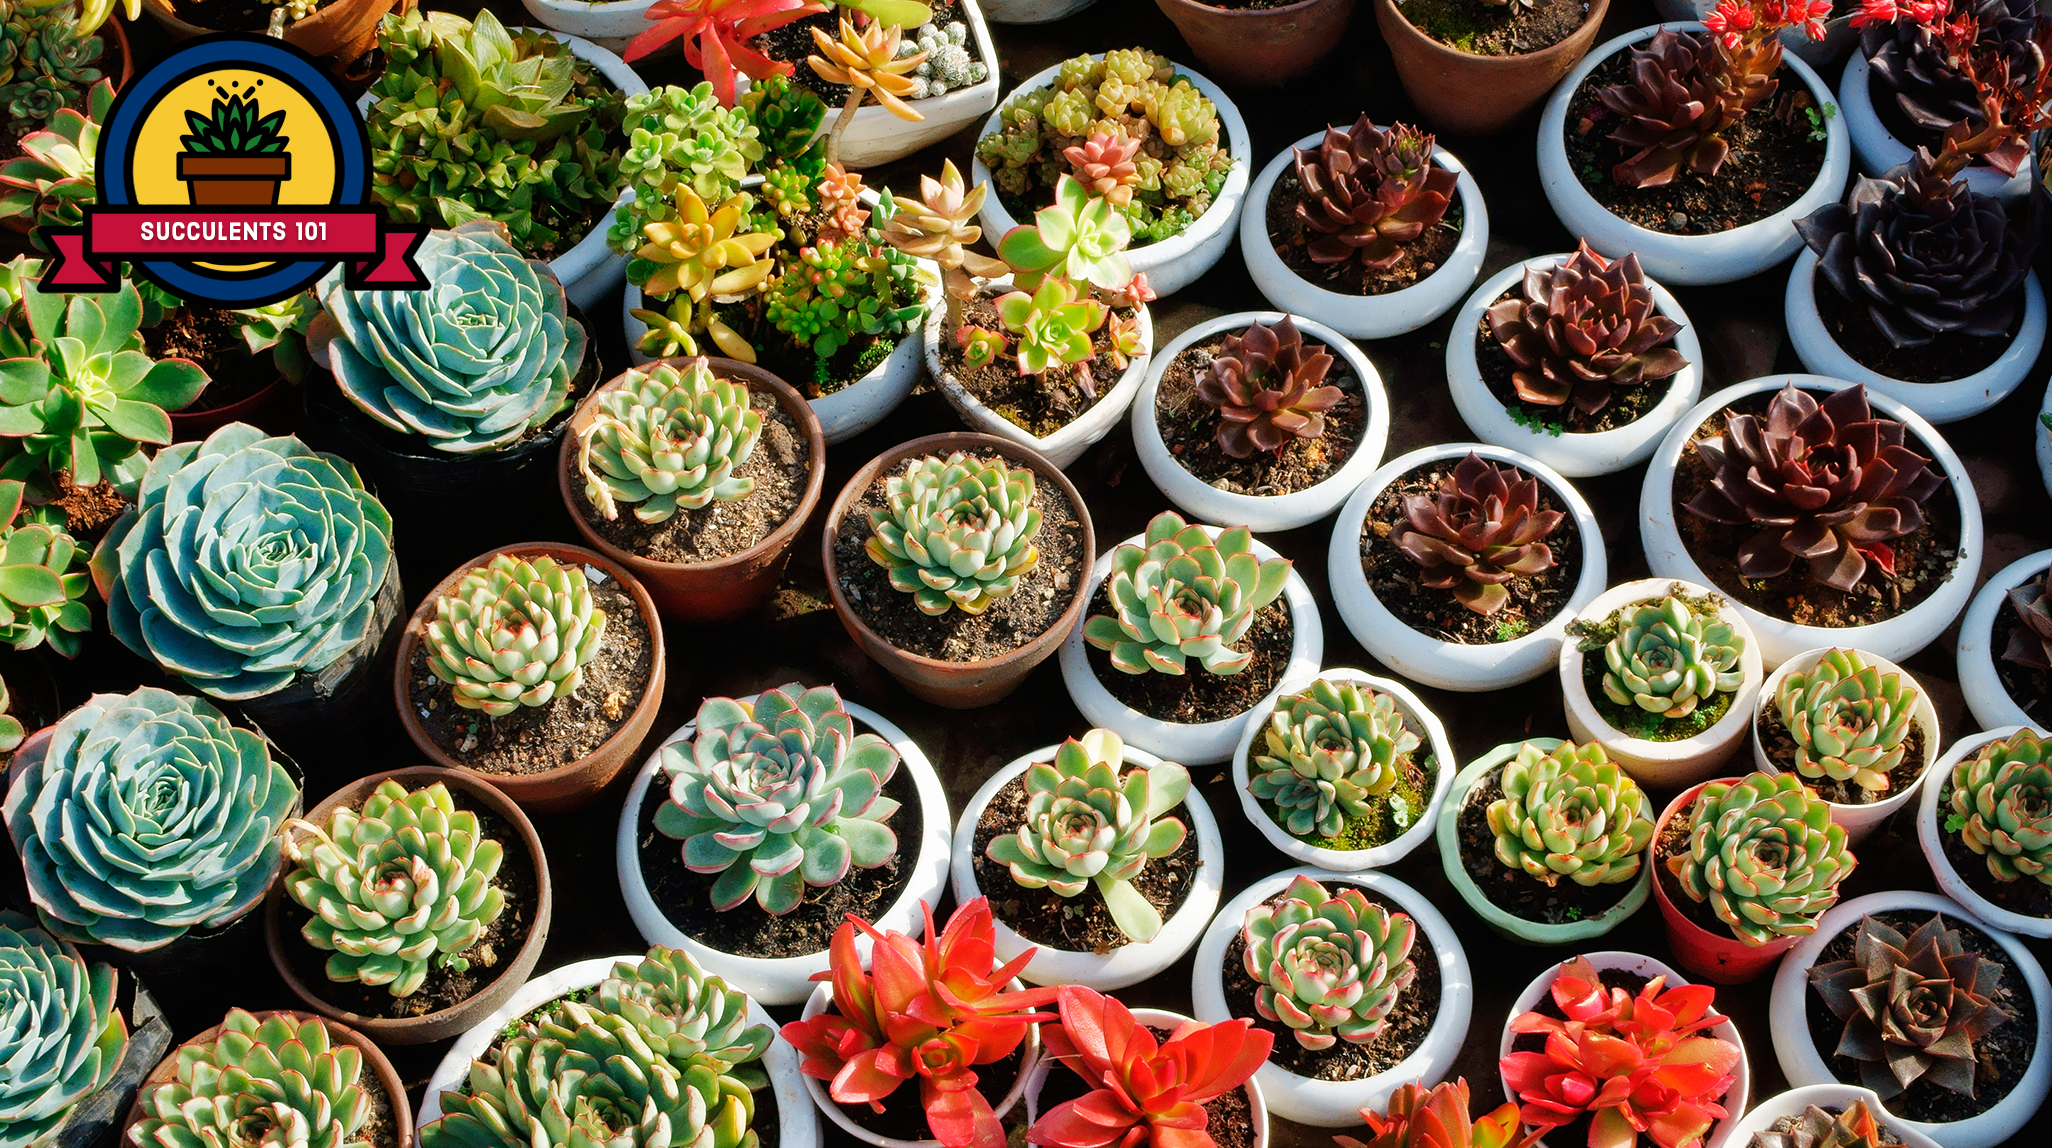 25 Succulent Plant Types